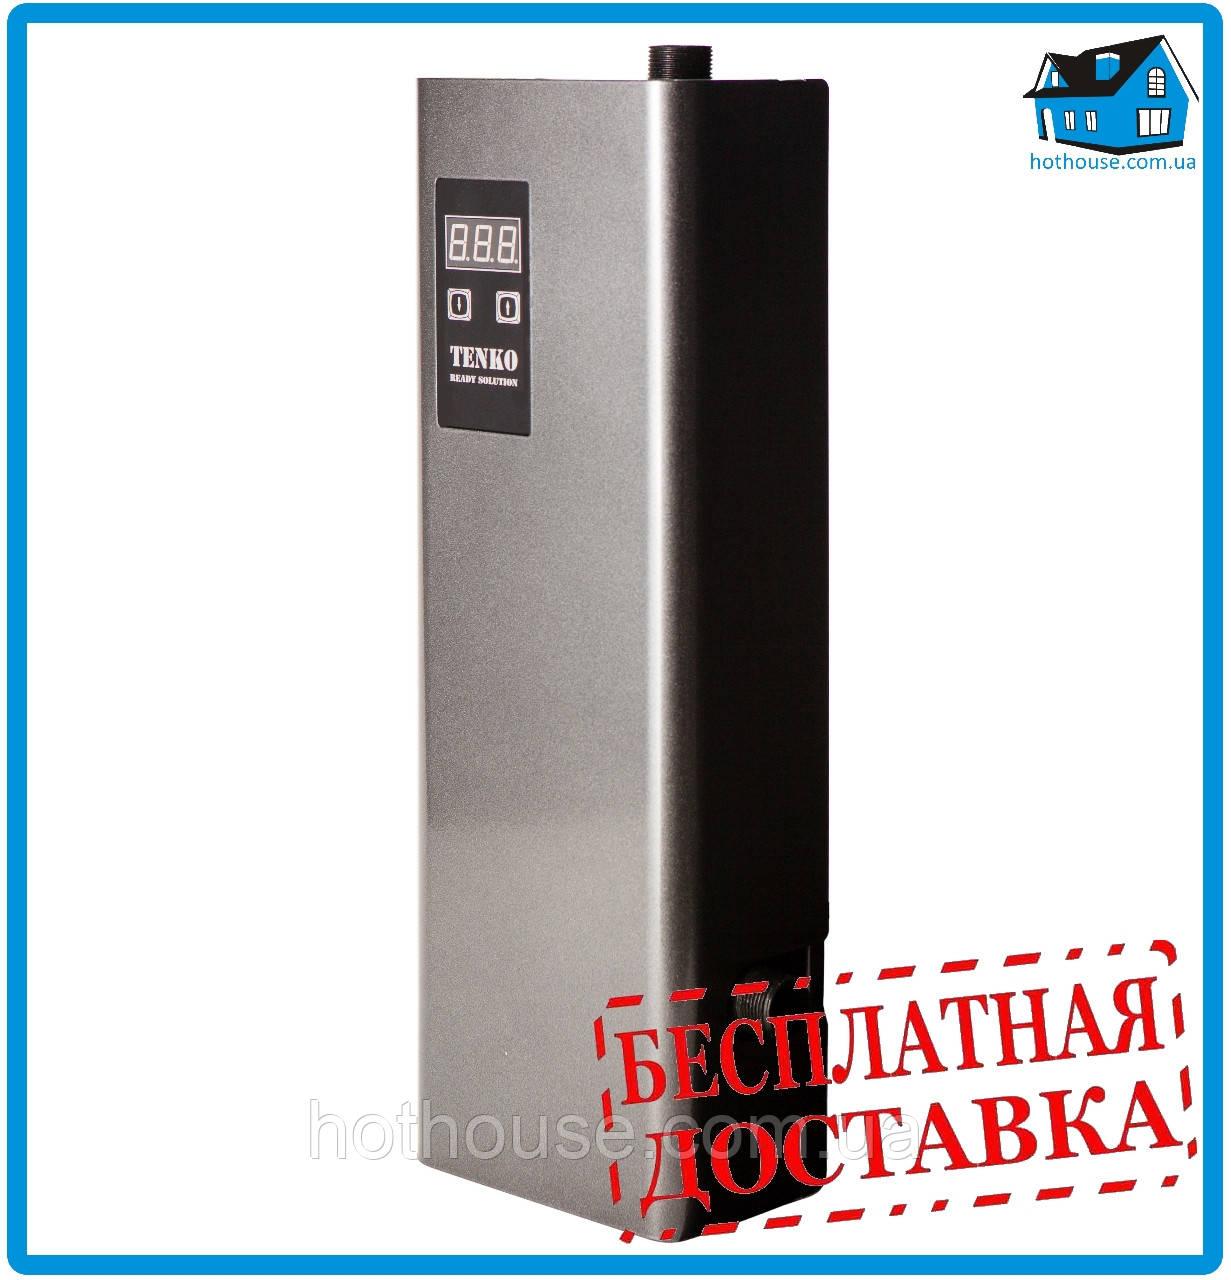 Электрический котел ТЭНКО Mini Digital 3 кВт /220 В тенко